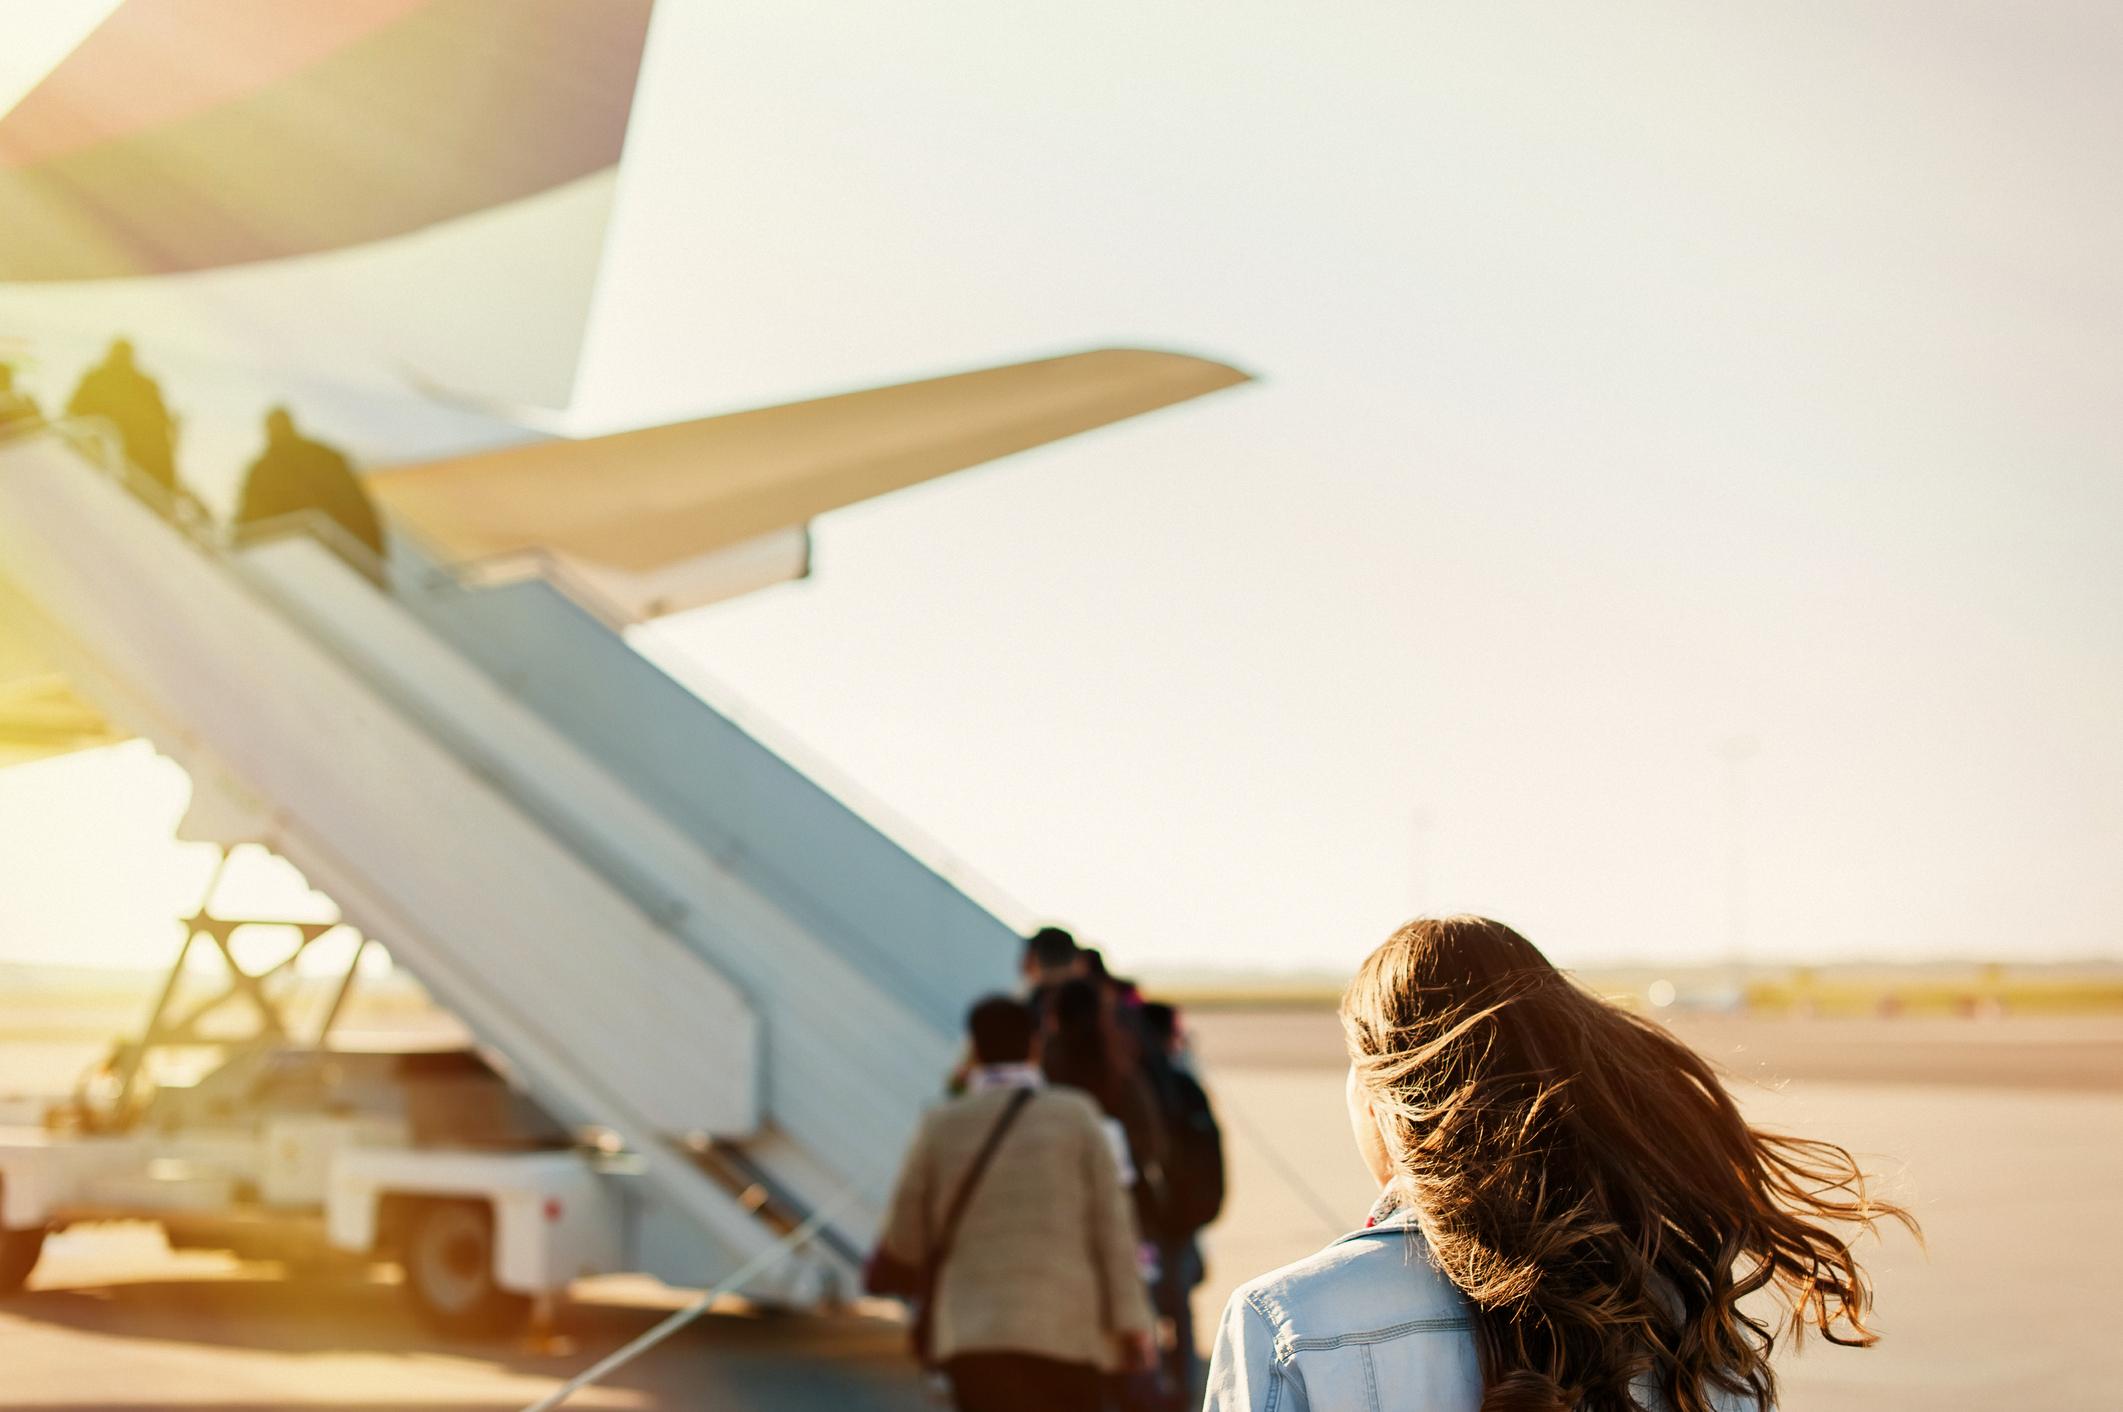 femme sur le tarmac embarquant en avion